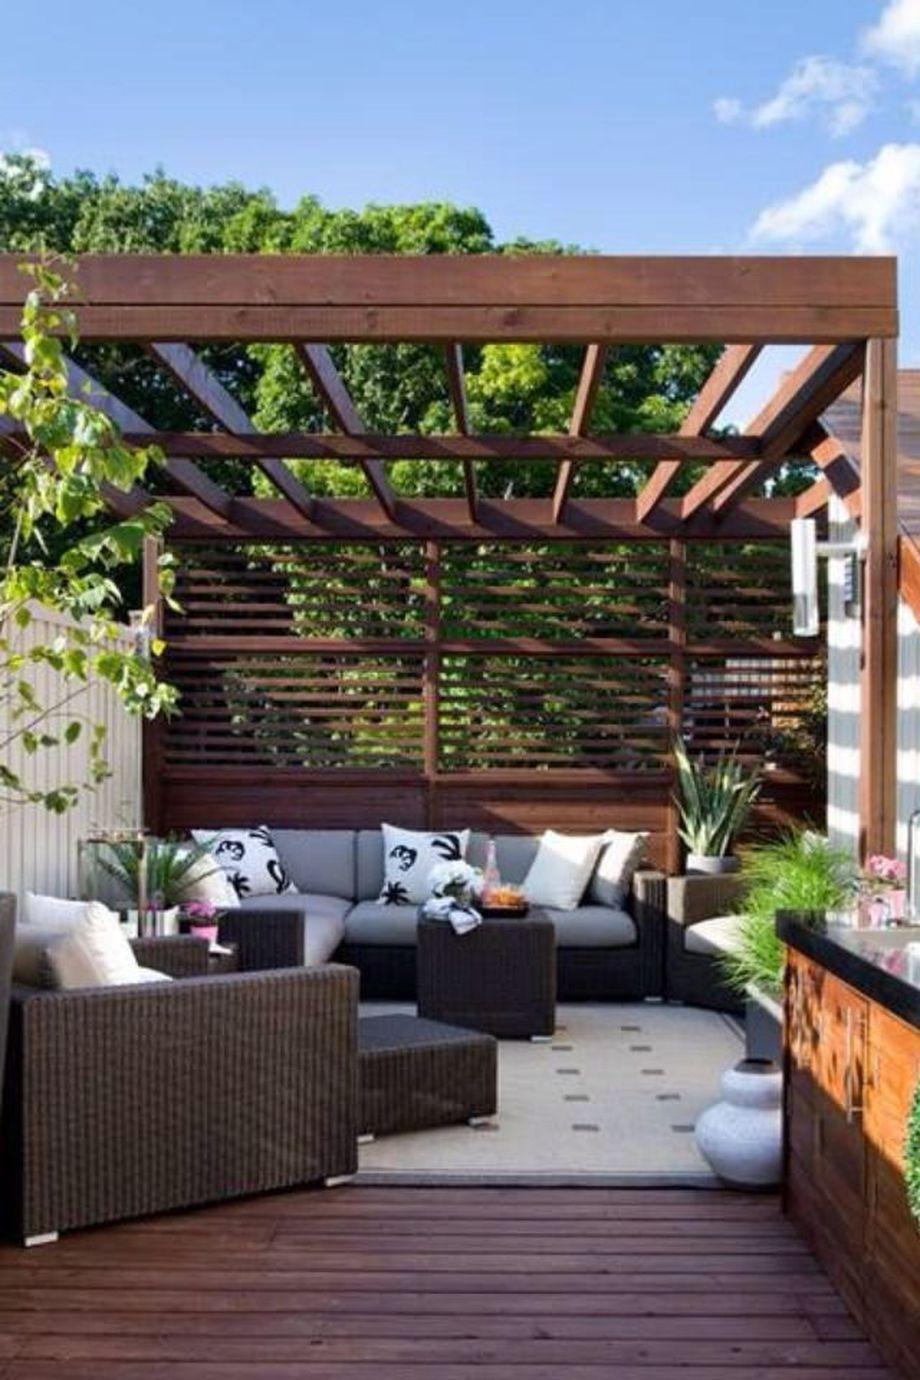 90 Perfect Pergola Designs Ideas For Home Patio Backyard Small